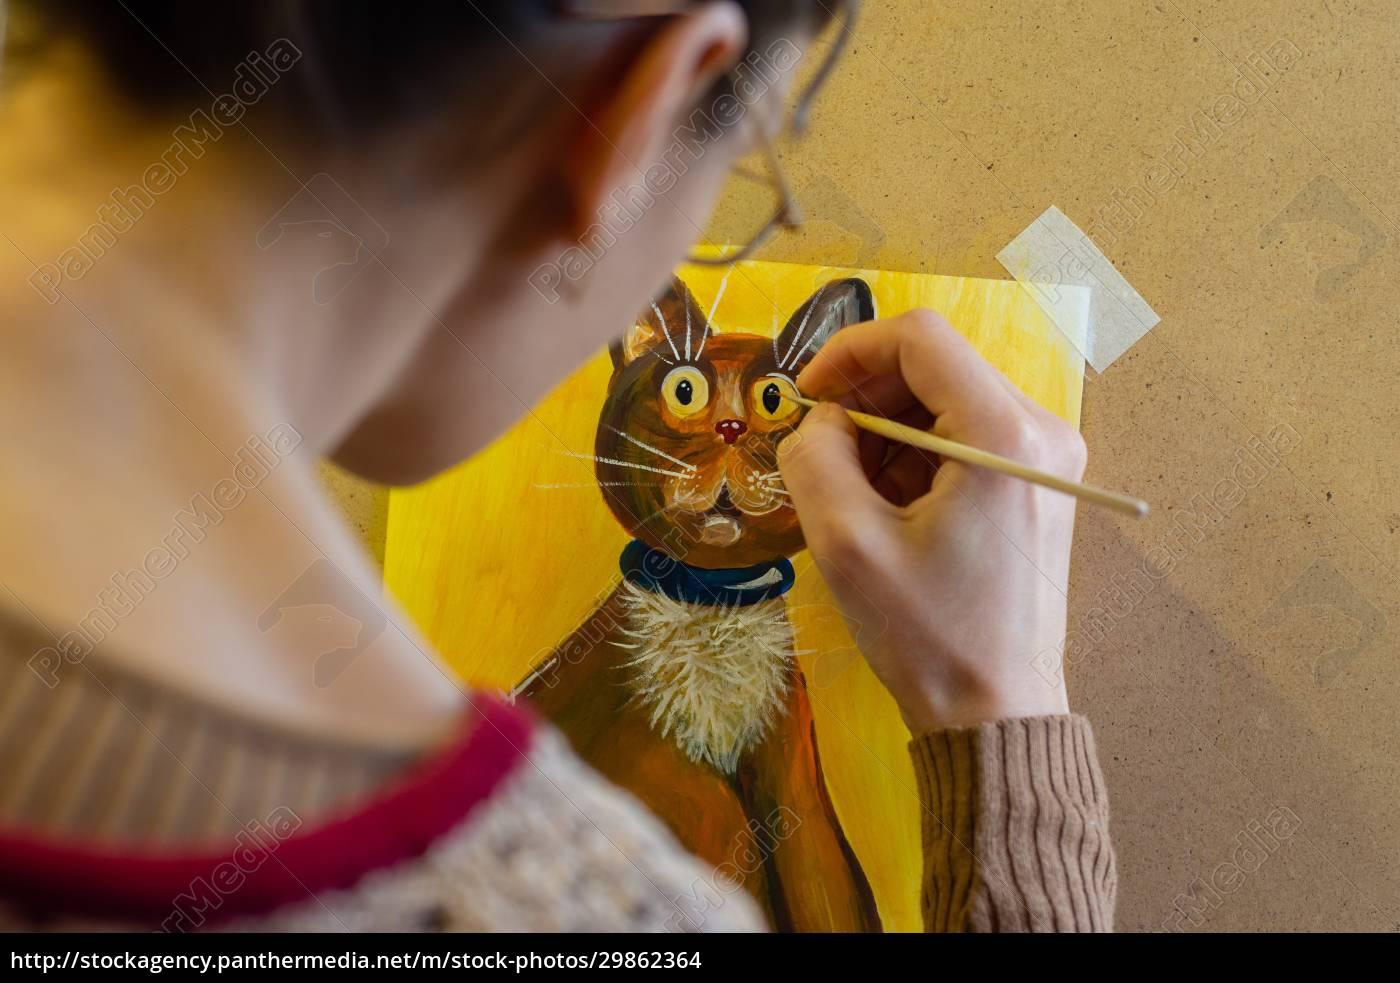 der, künstler, malt, eine, zeichnung, einer - 29862364